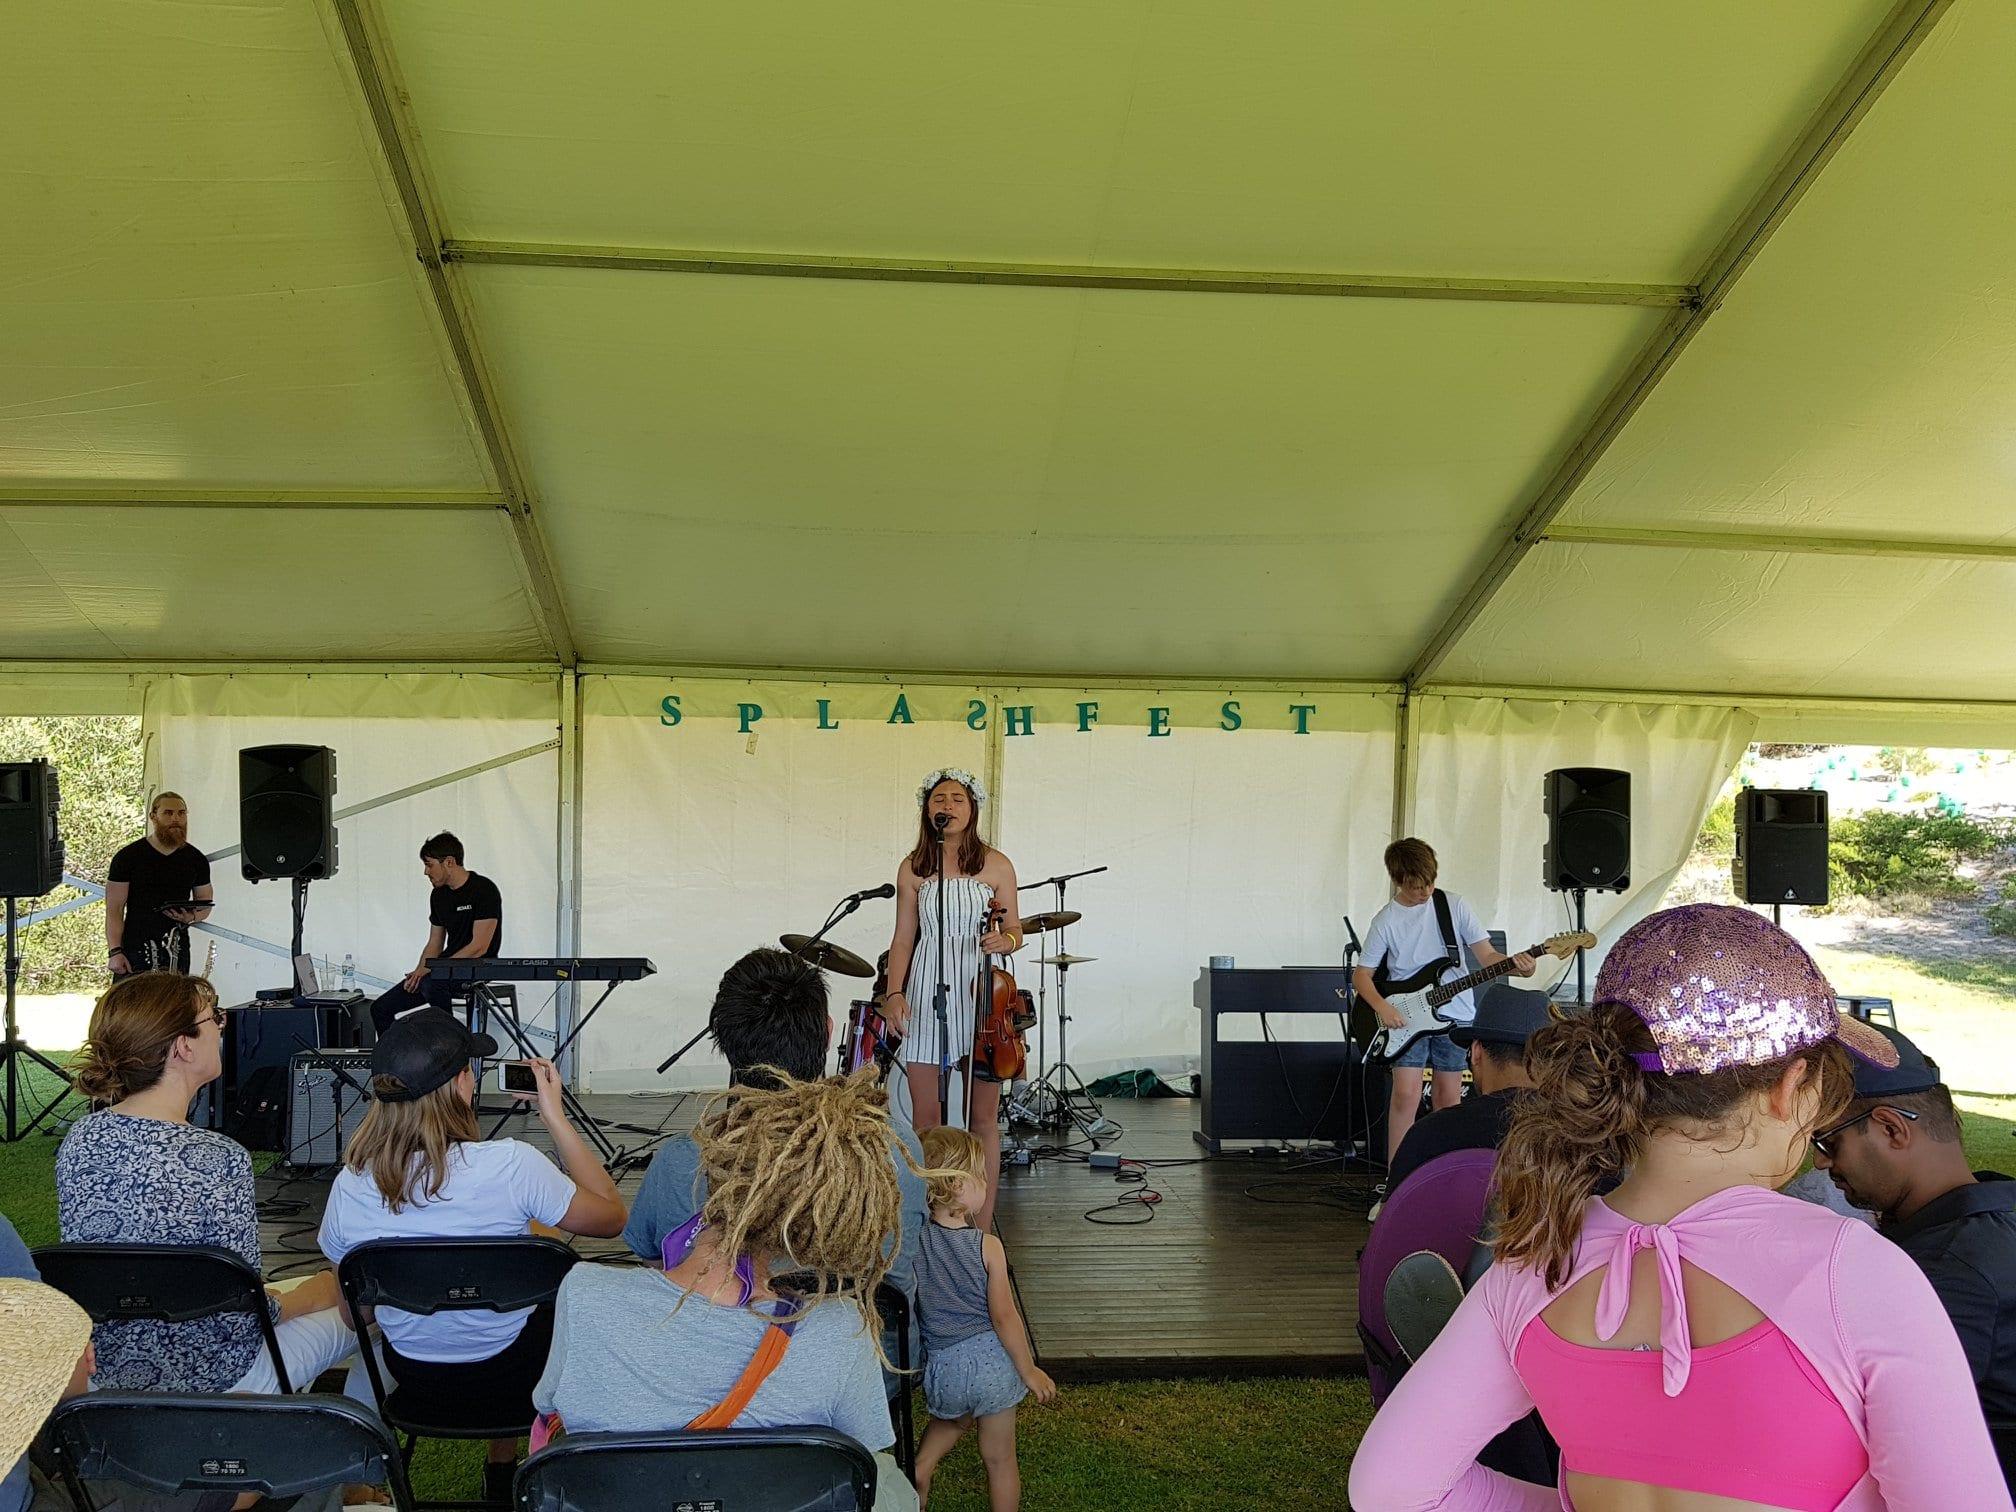 Splashfest, Swanbourne